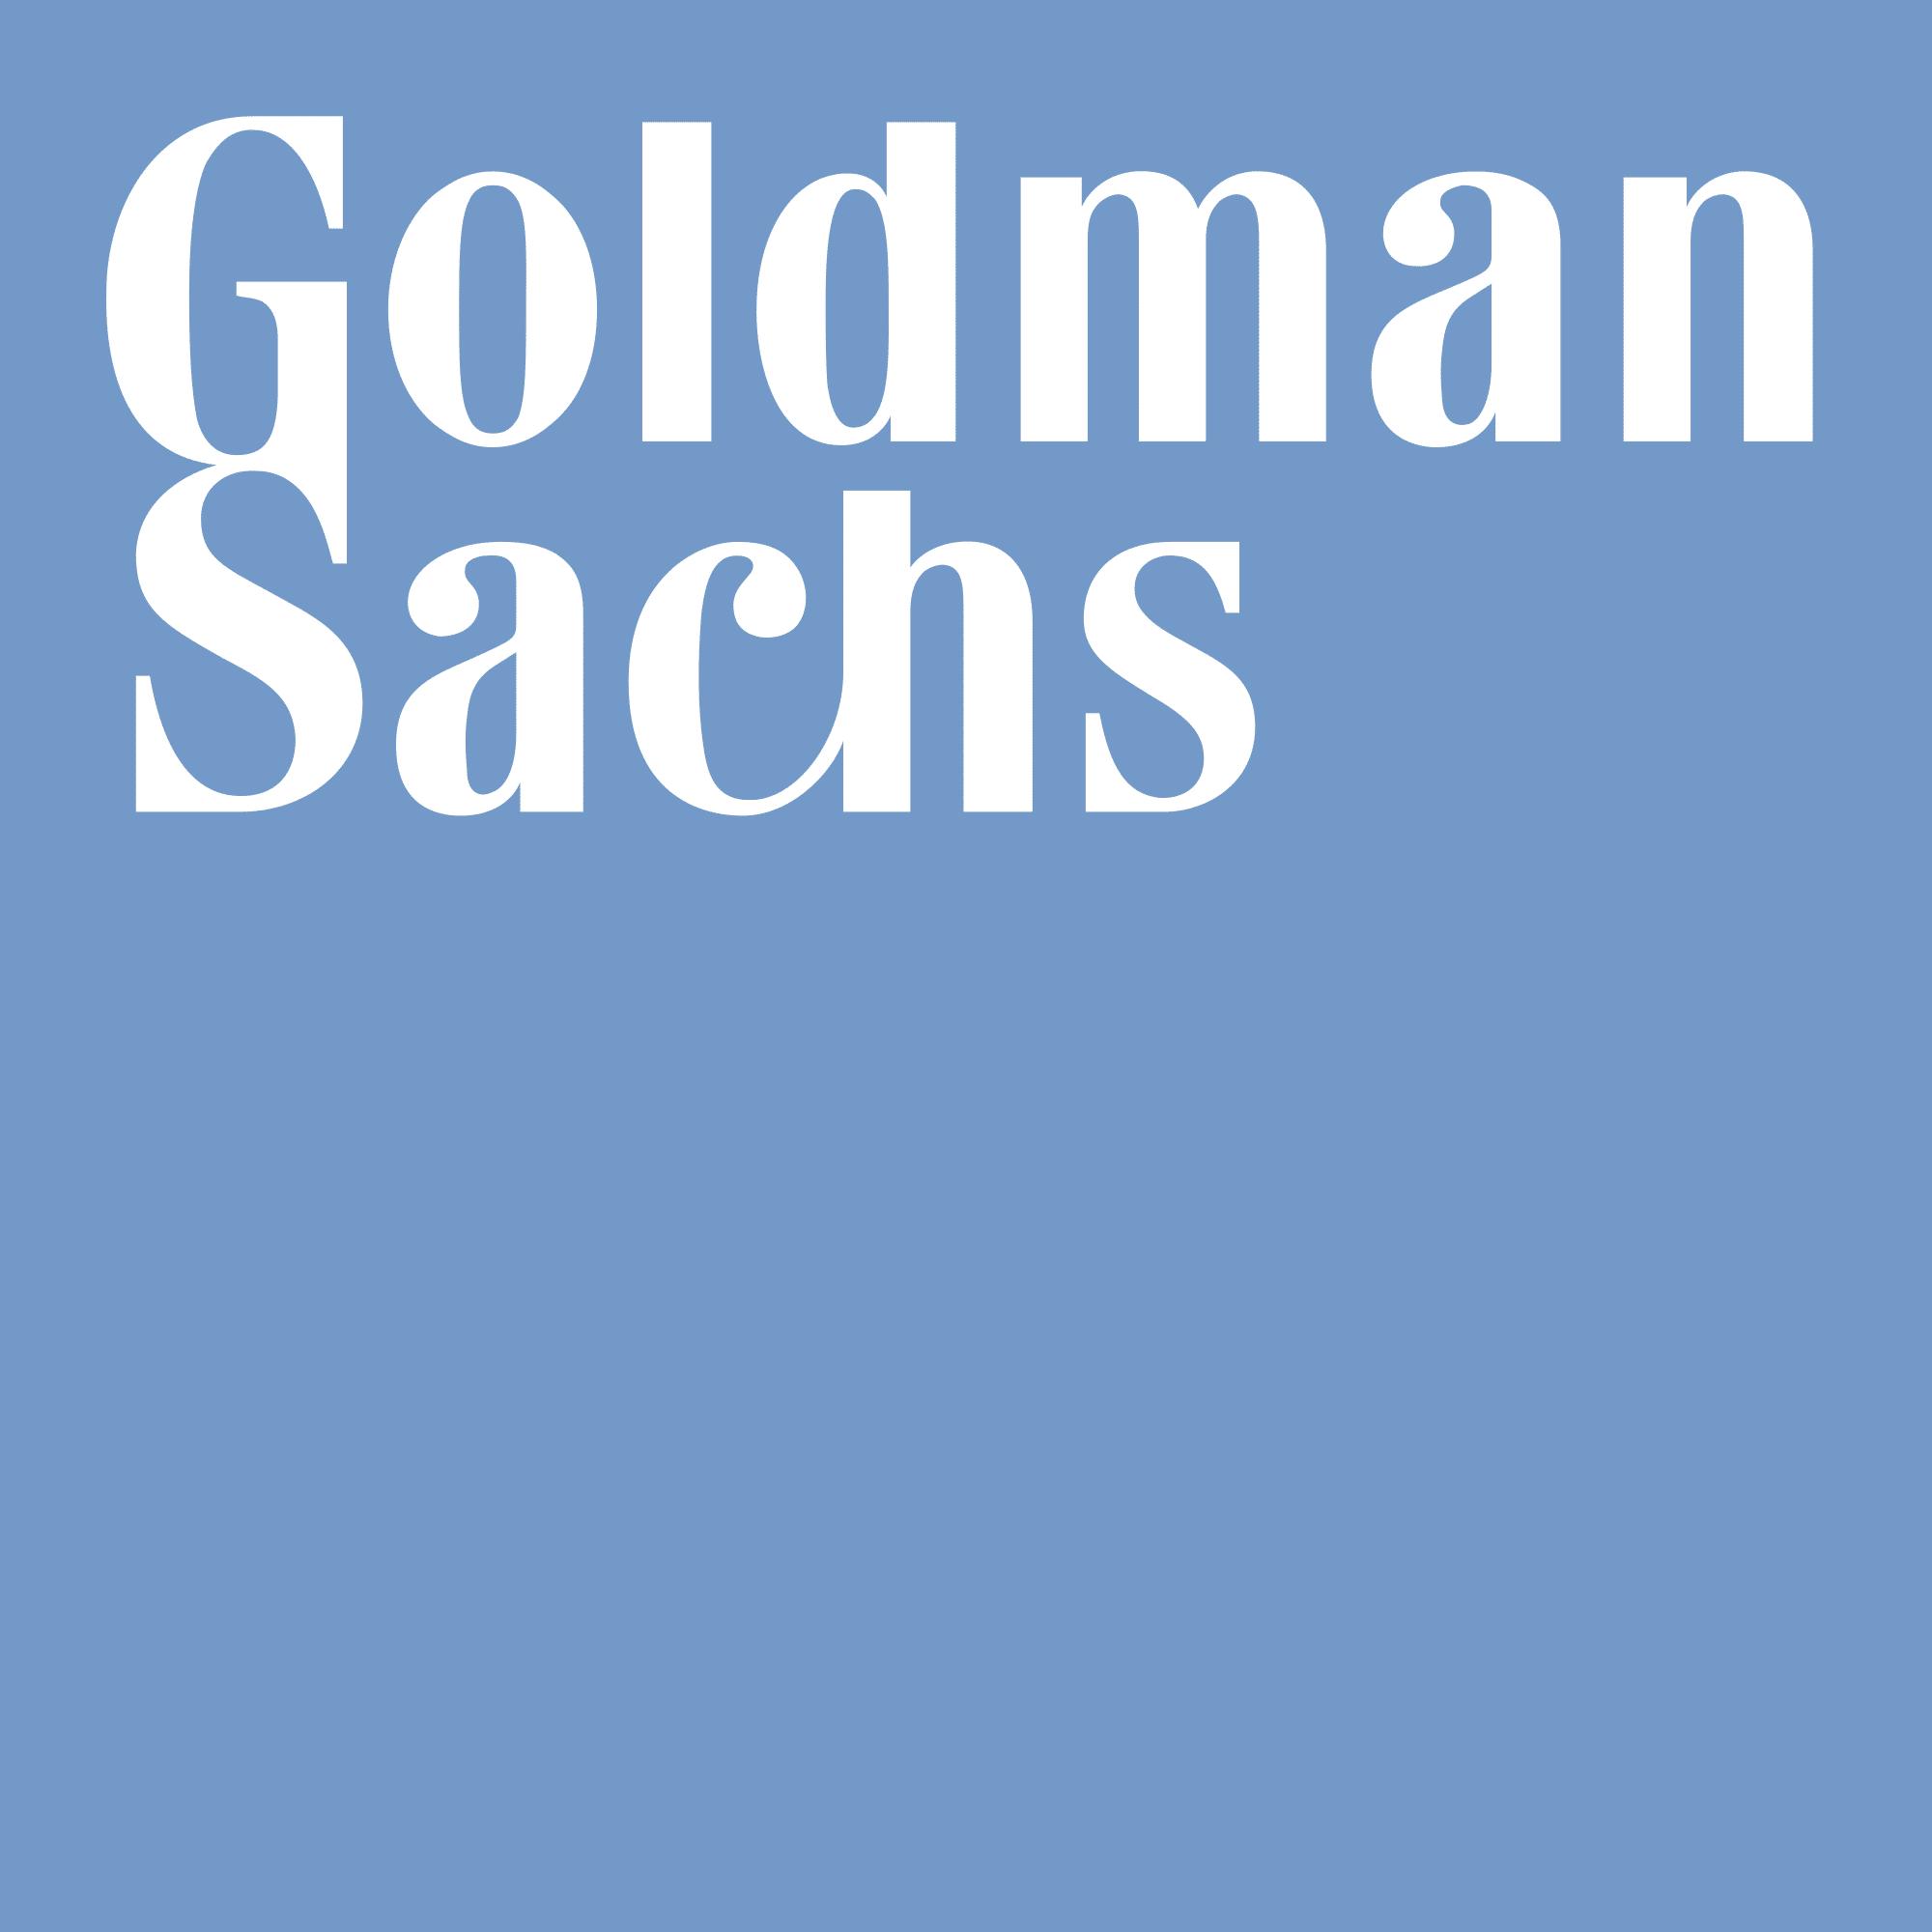 Goldman Sachs_0